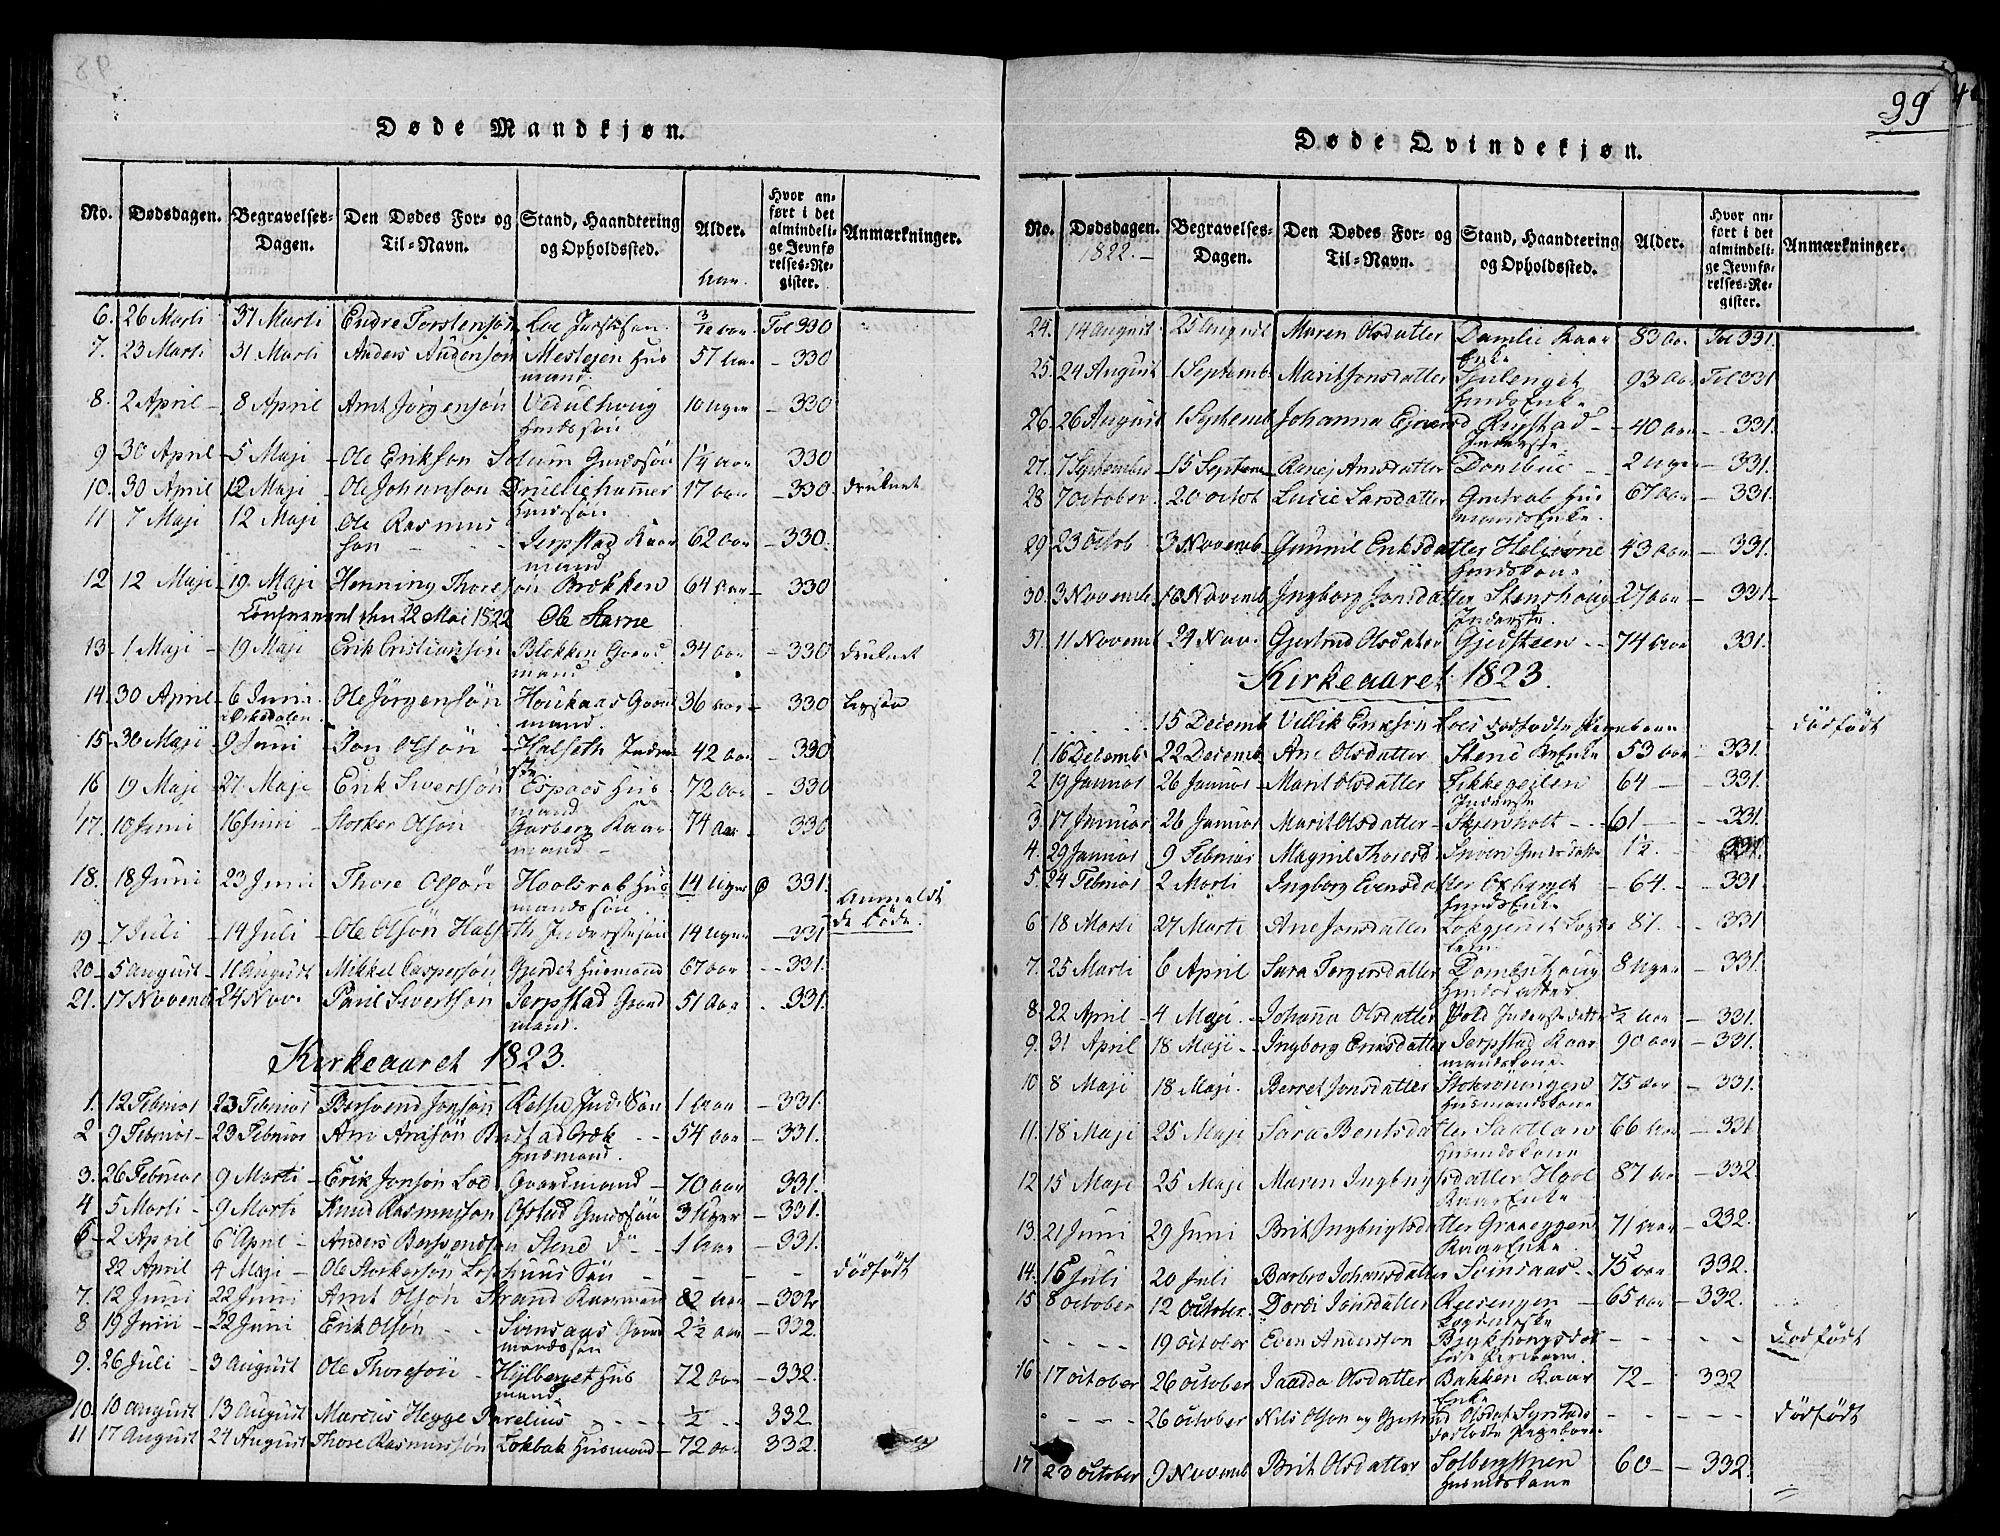 SAT, Ministerialprotokoller, klokkerbøker og fødselsregistre - Sør-Trøndelag, 672/L0853: Ministerialbok nr. 672A06 /1, 1816-1829, s. 99